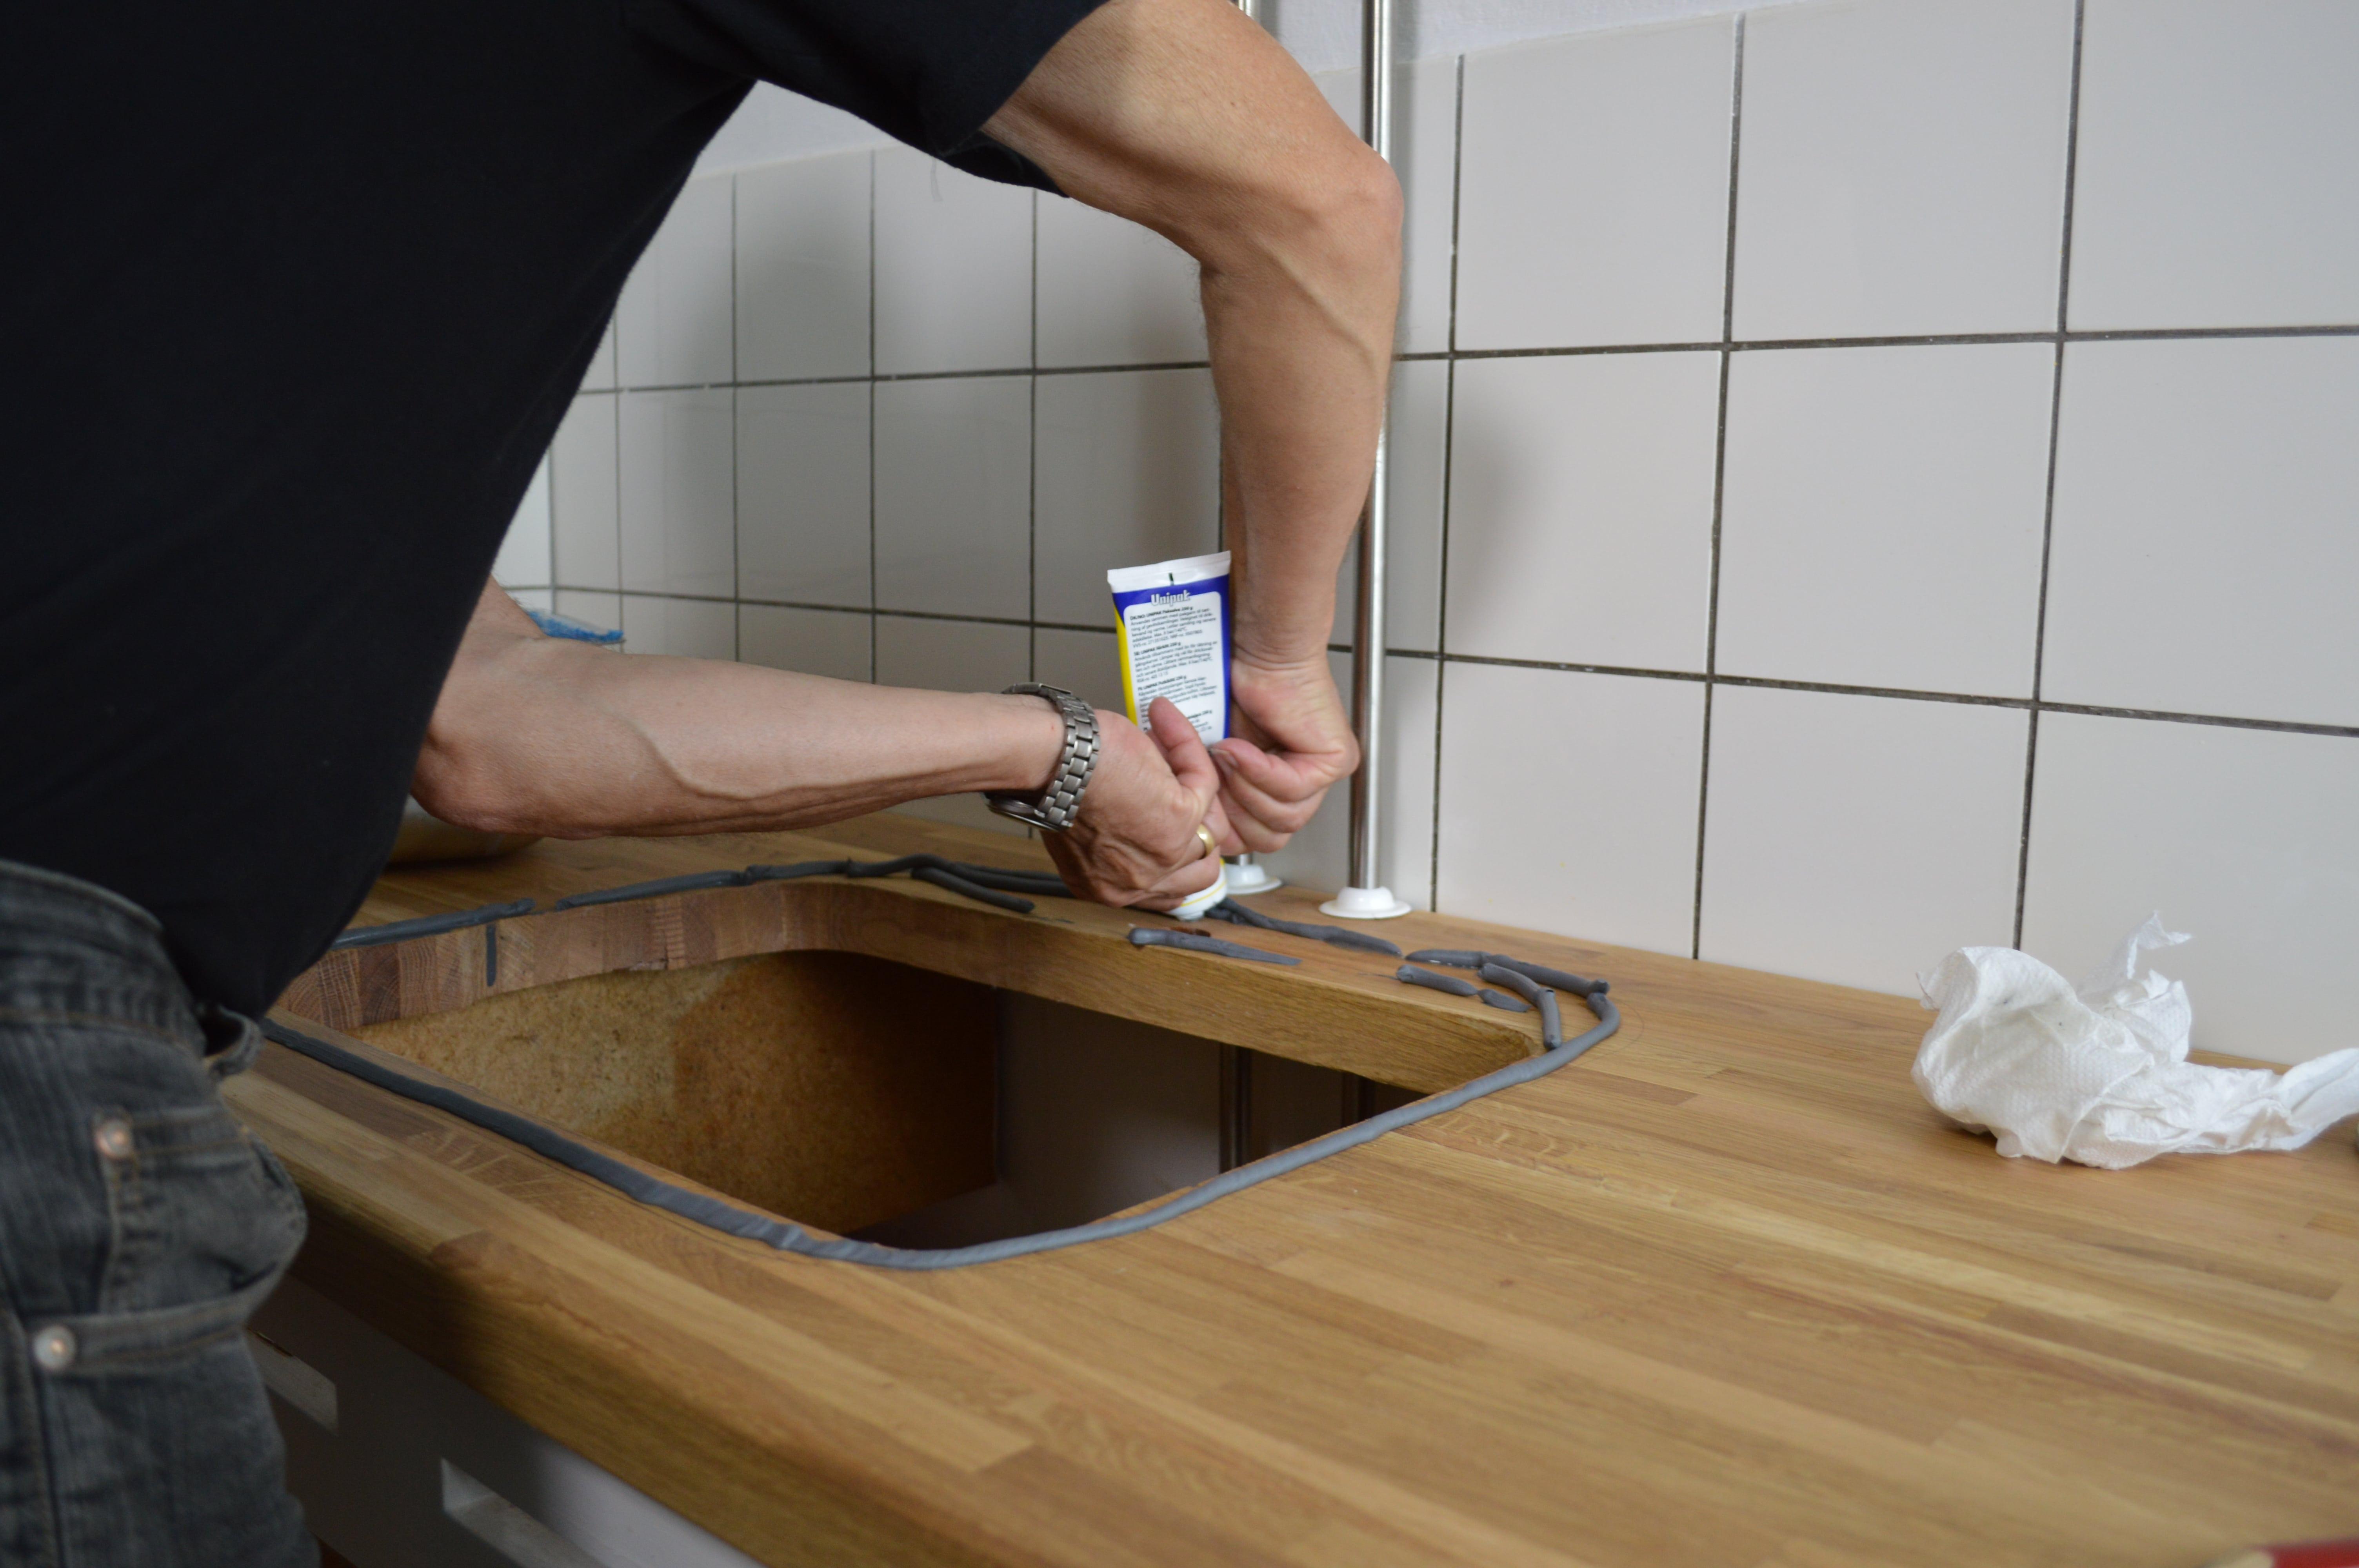 Påfør silikone rundt om vaskehullet